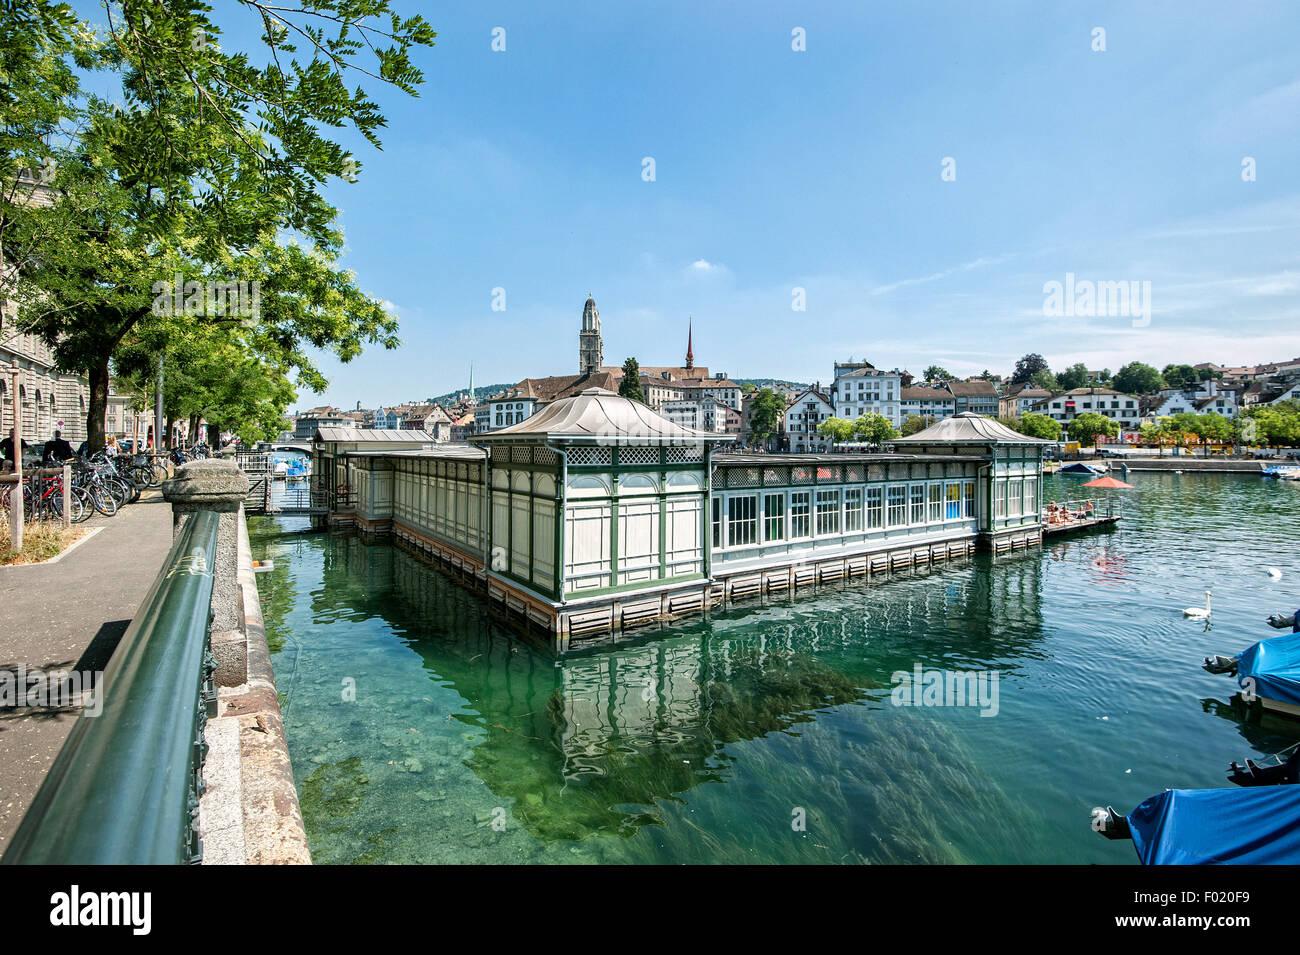 Womens nuoto vasca da bagno al fiume Limmat a Zurigo. Immagini Stock